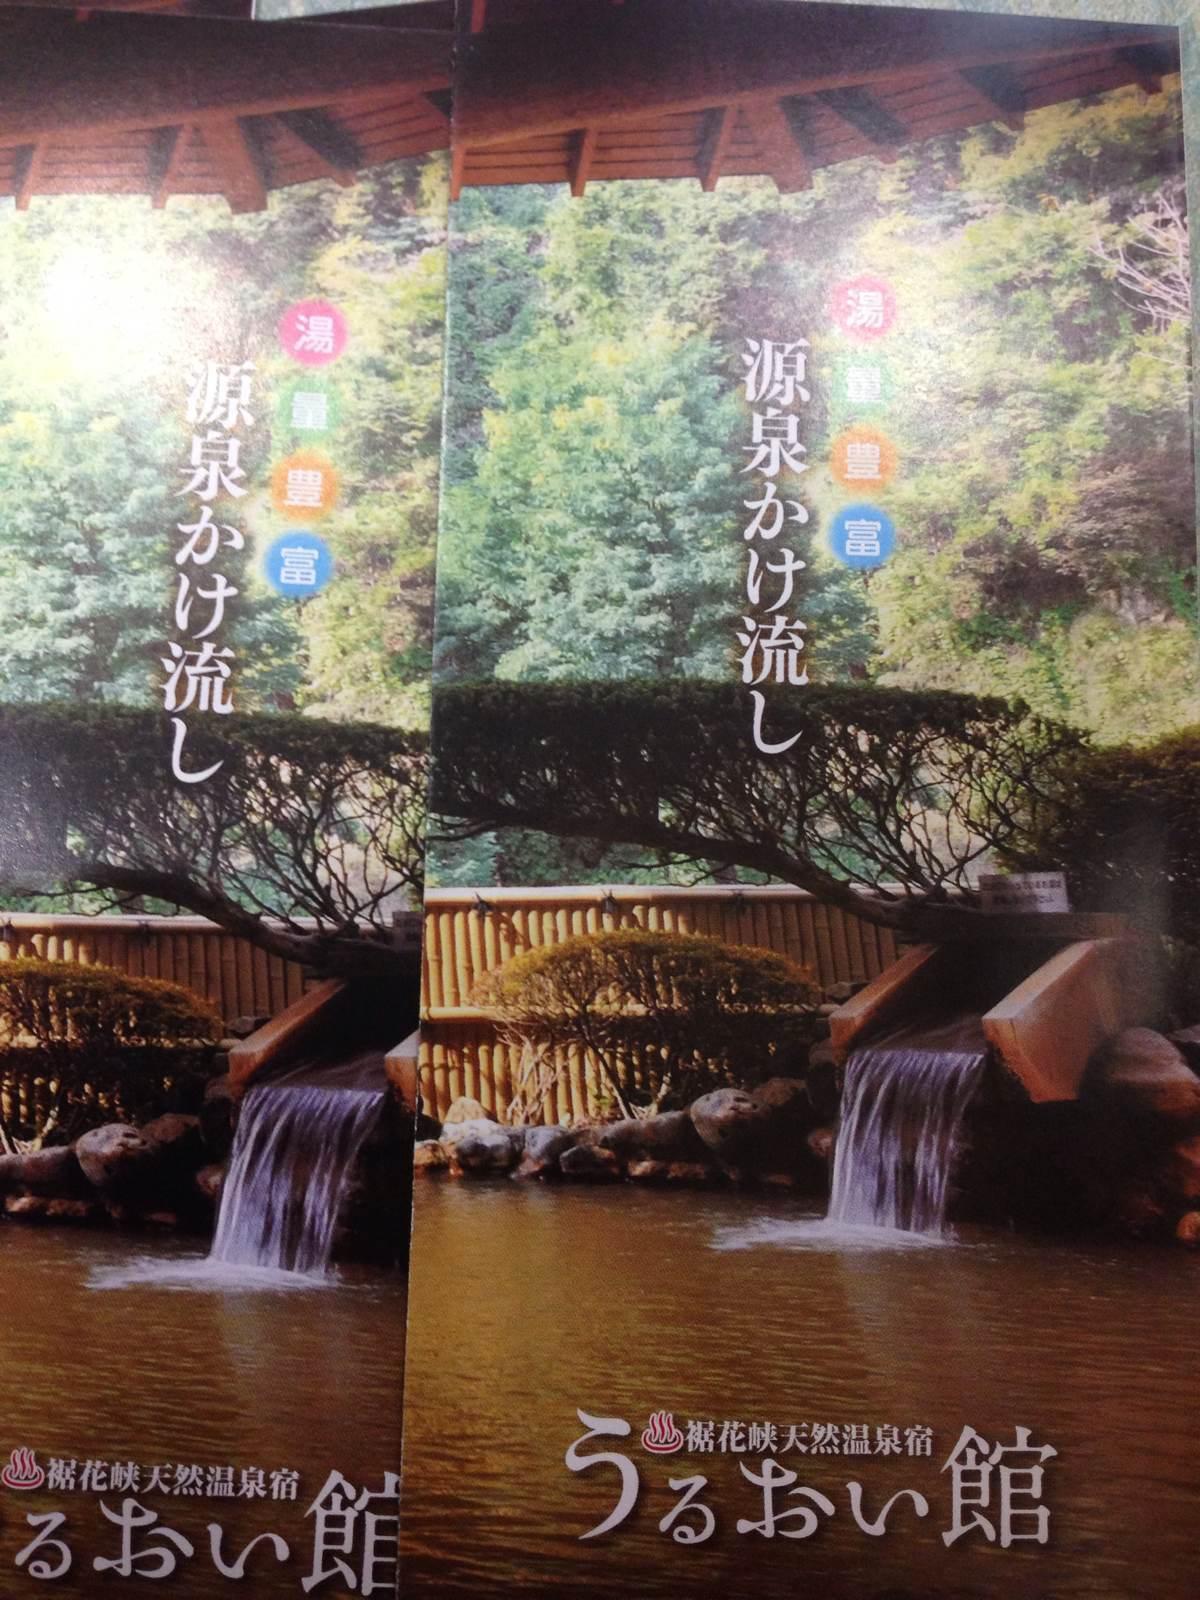 WWW_42KAN_COM_uruoikan.com/sp